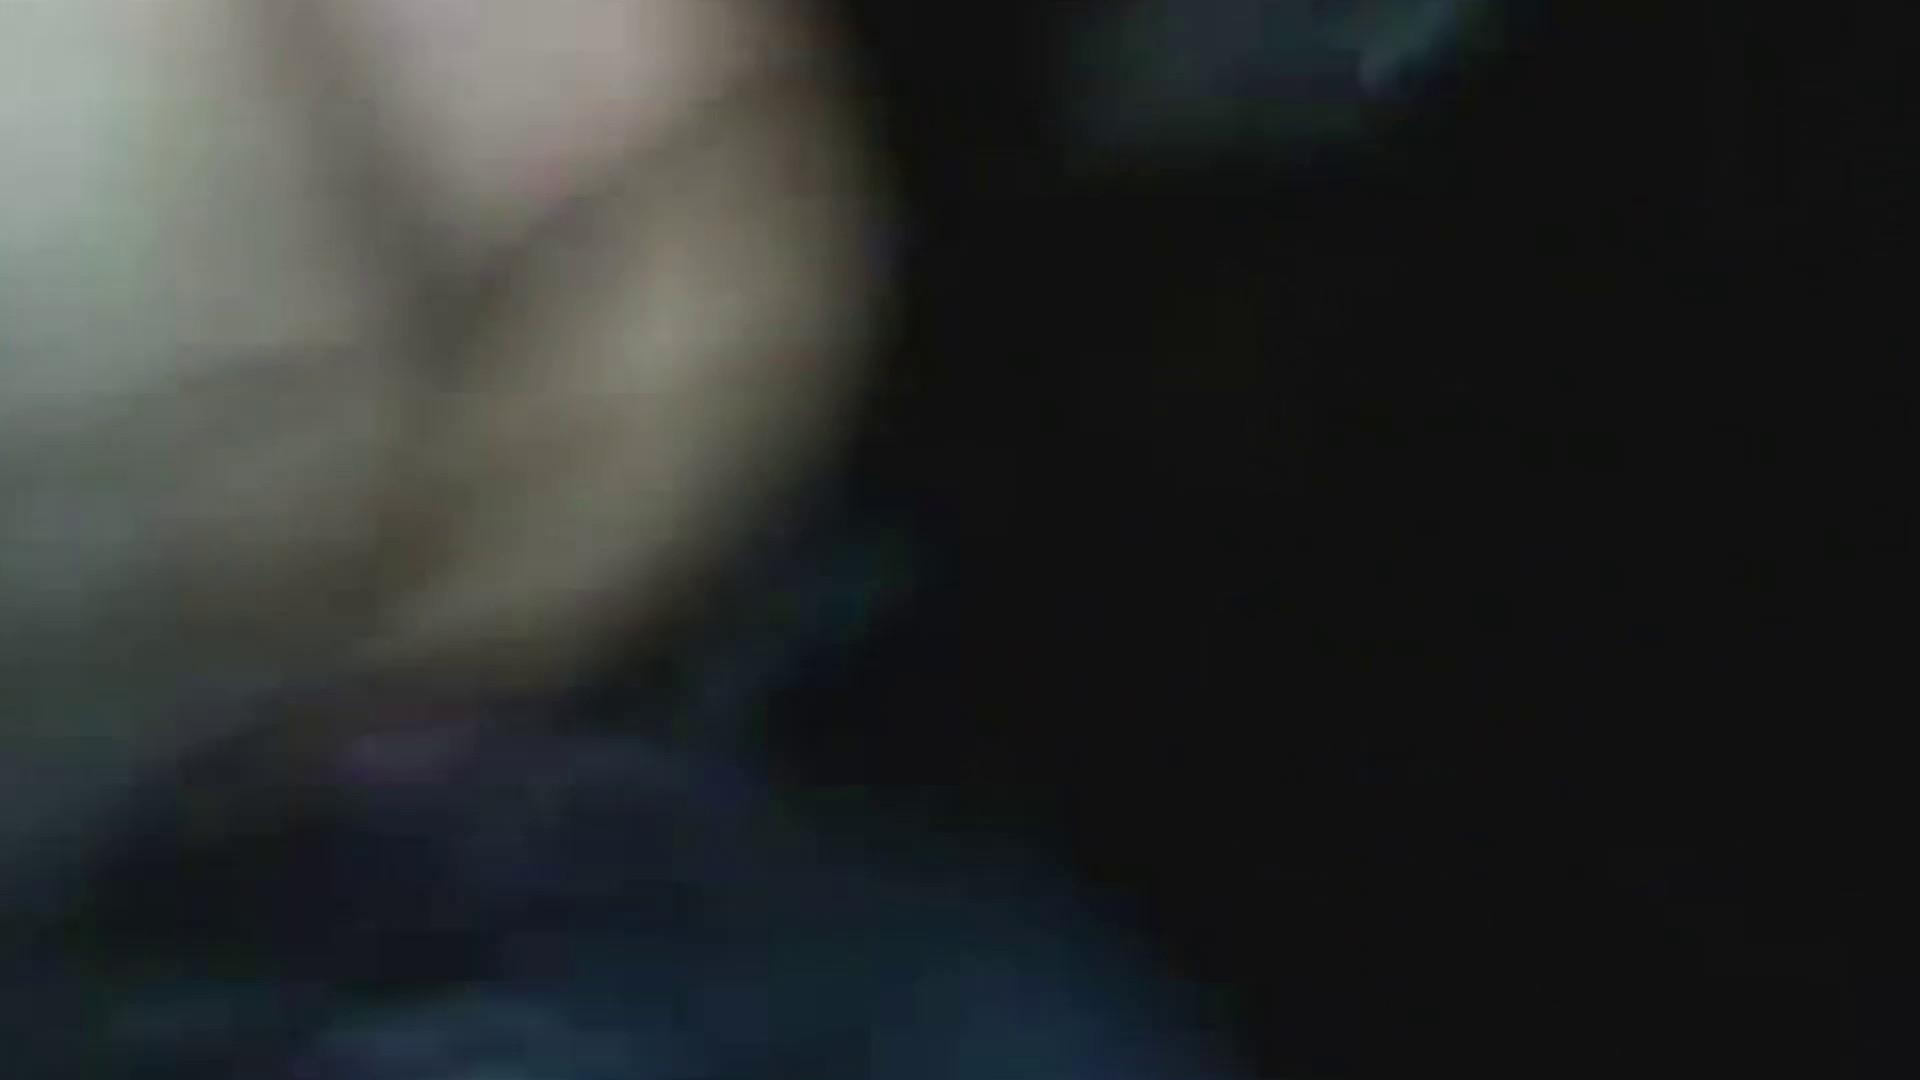 暗がりの細マッチョオナニー イケメン  74pic 12